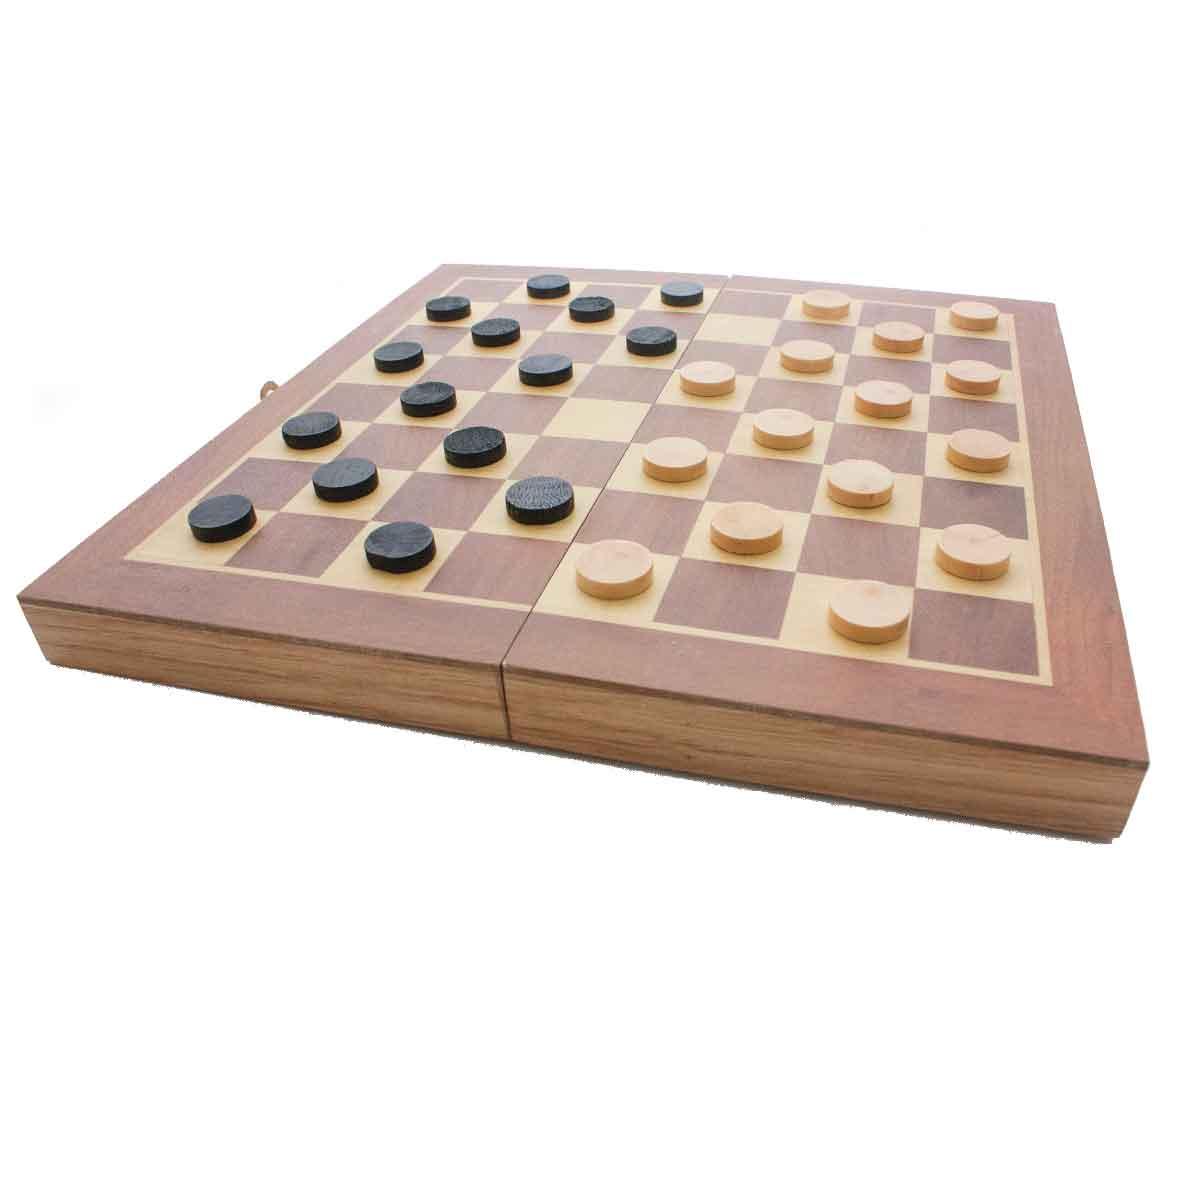 Jogo Xadrez Dama Gamão Madeira Tabuleiro 3 Em 1 29x29